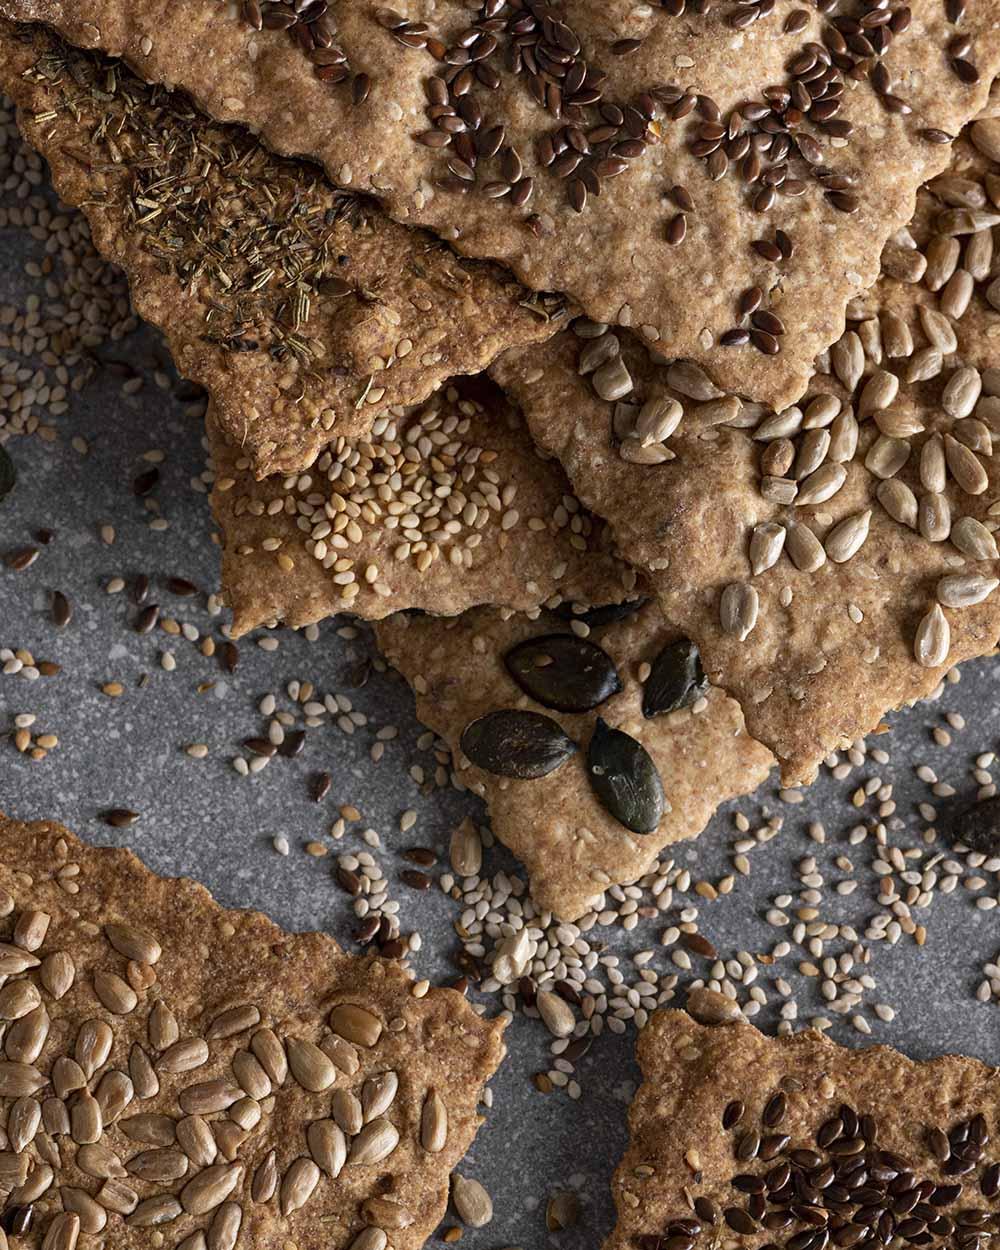 Mehrere Scheiben unseres selbst gemachten Knäckebrots. Zu sehen sind Scheiben mit unterschiedlichen Saaten und Kräutern.